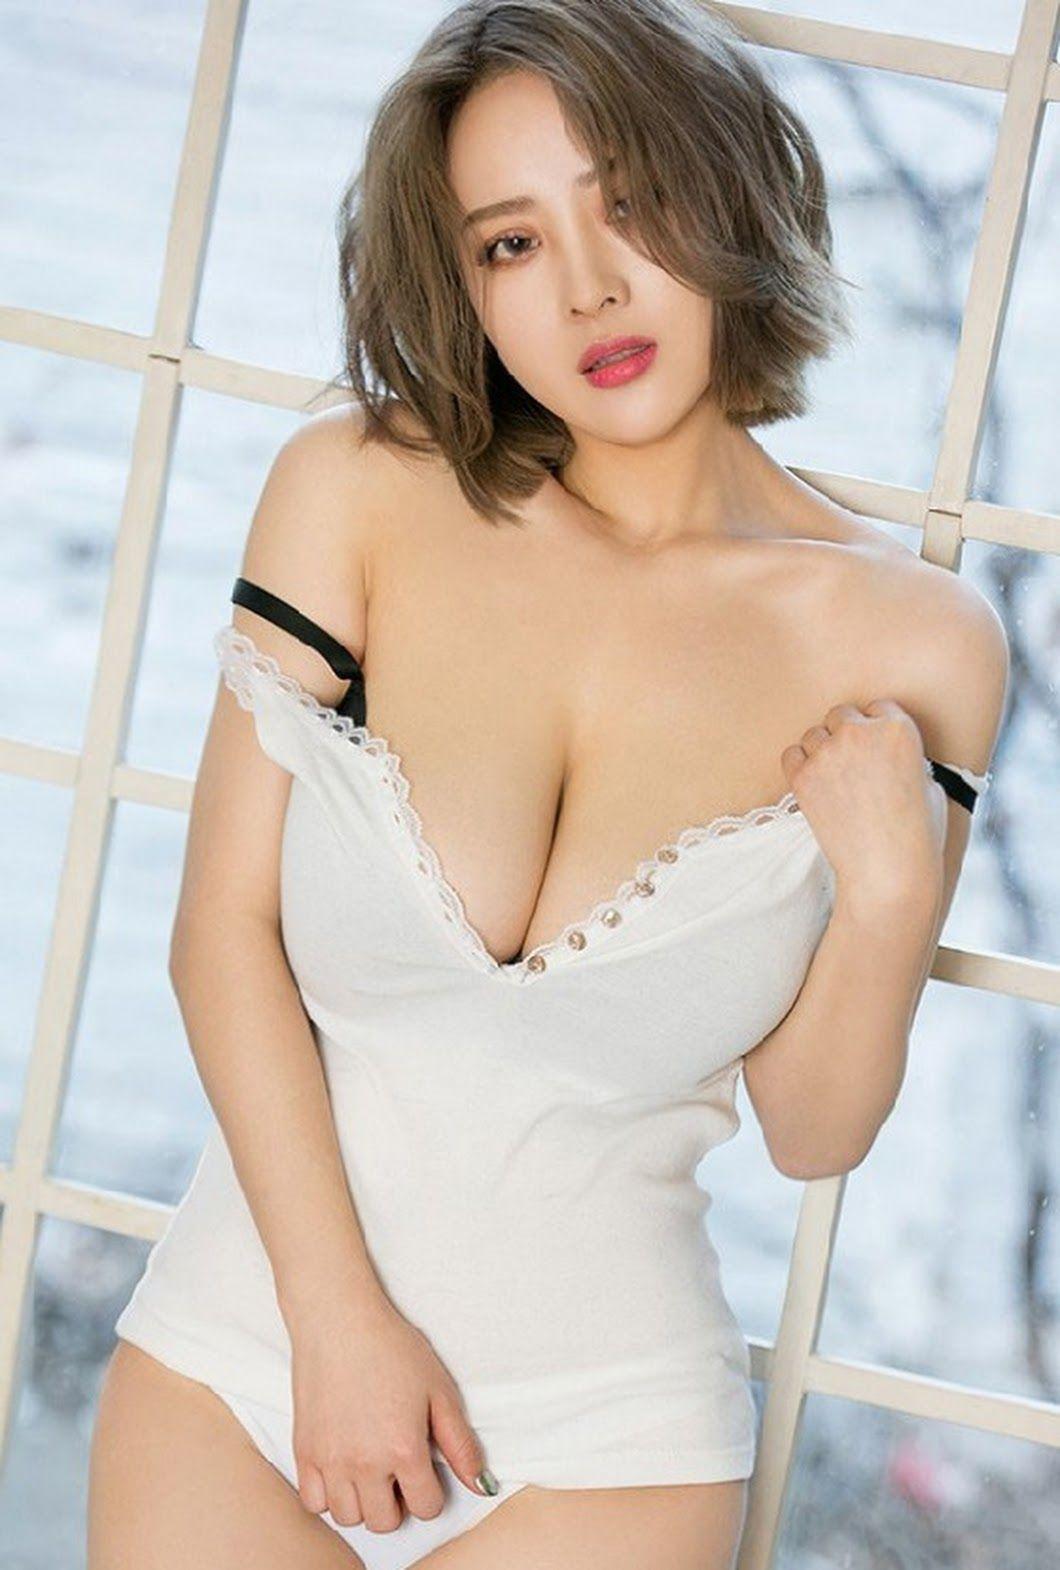 pinnguyen an on asian beauty | pinterest | asian, asian beauty